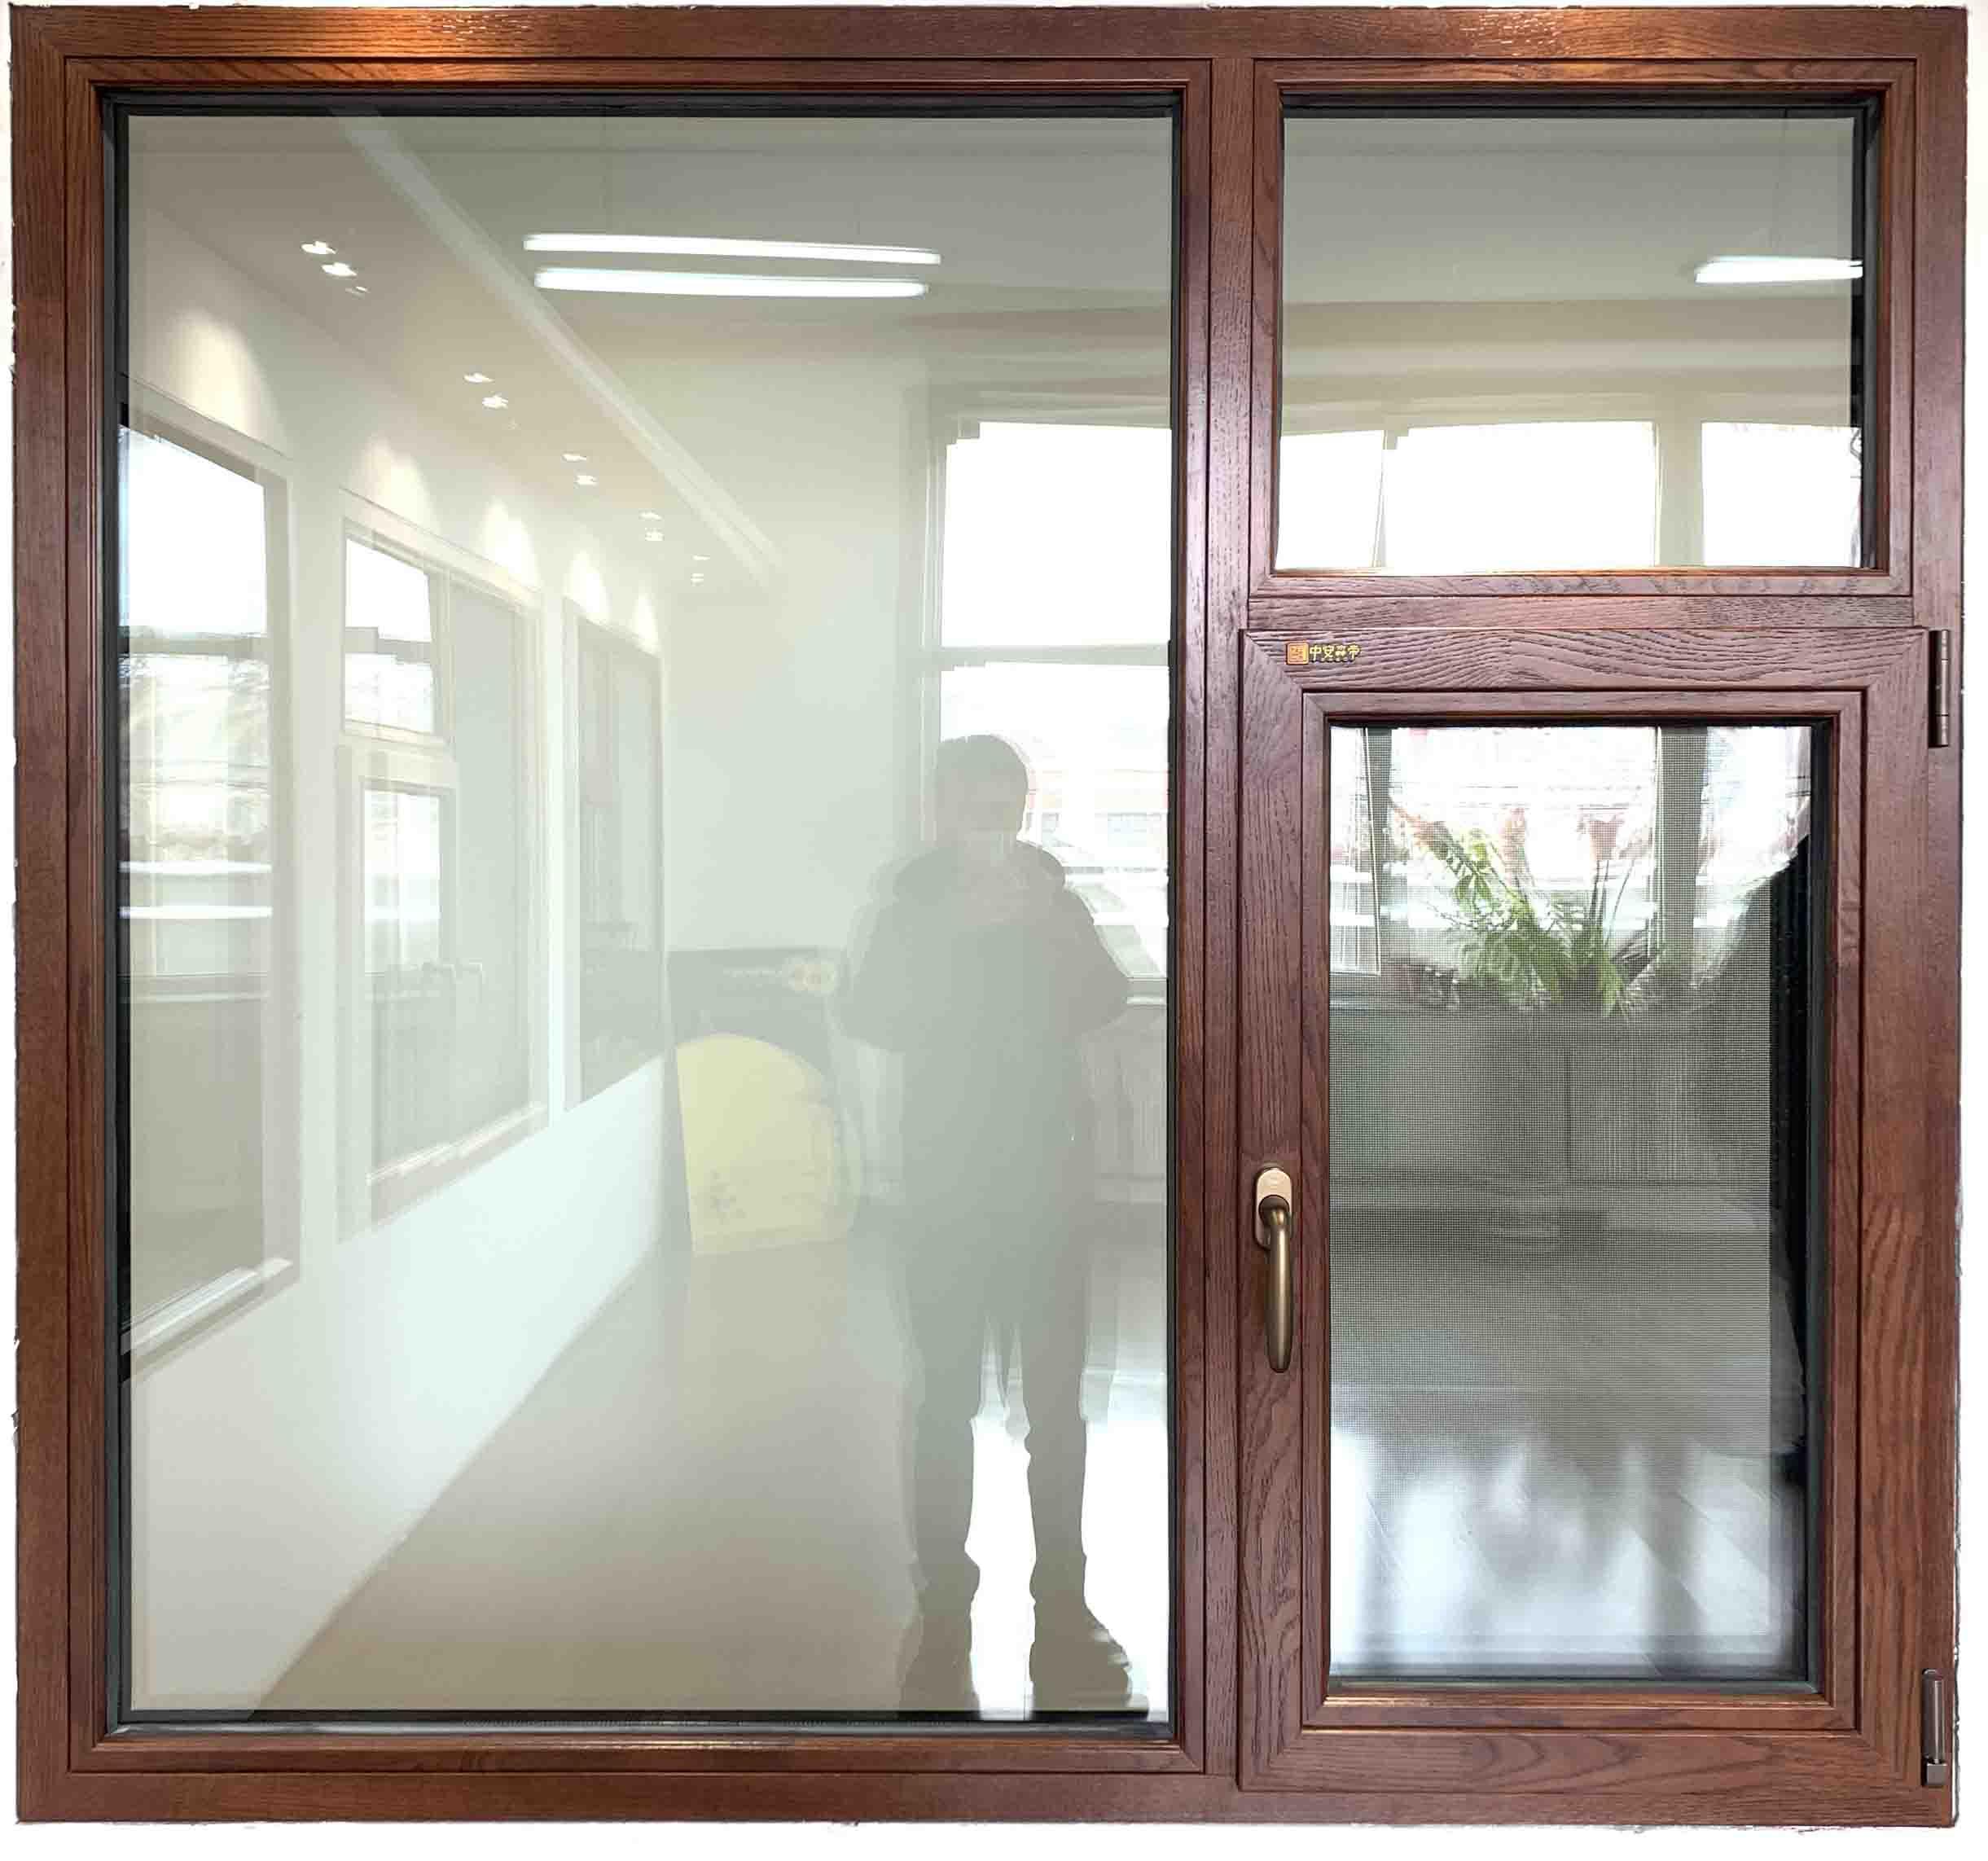 明水铝塑铝门窗_买优惠的牡丹江工程门窗,就来牡丹江中安塑胶有限公司